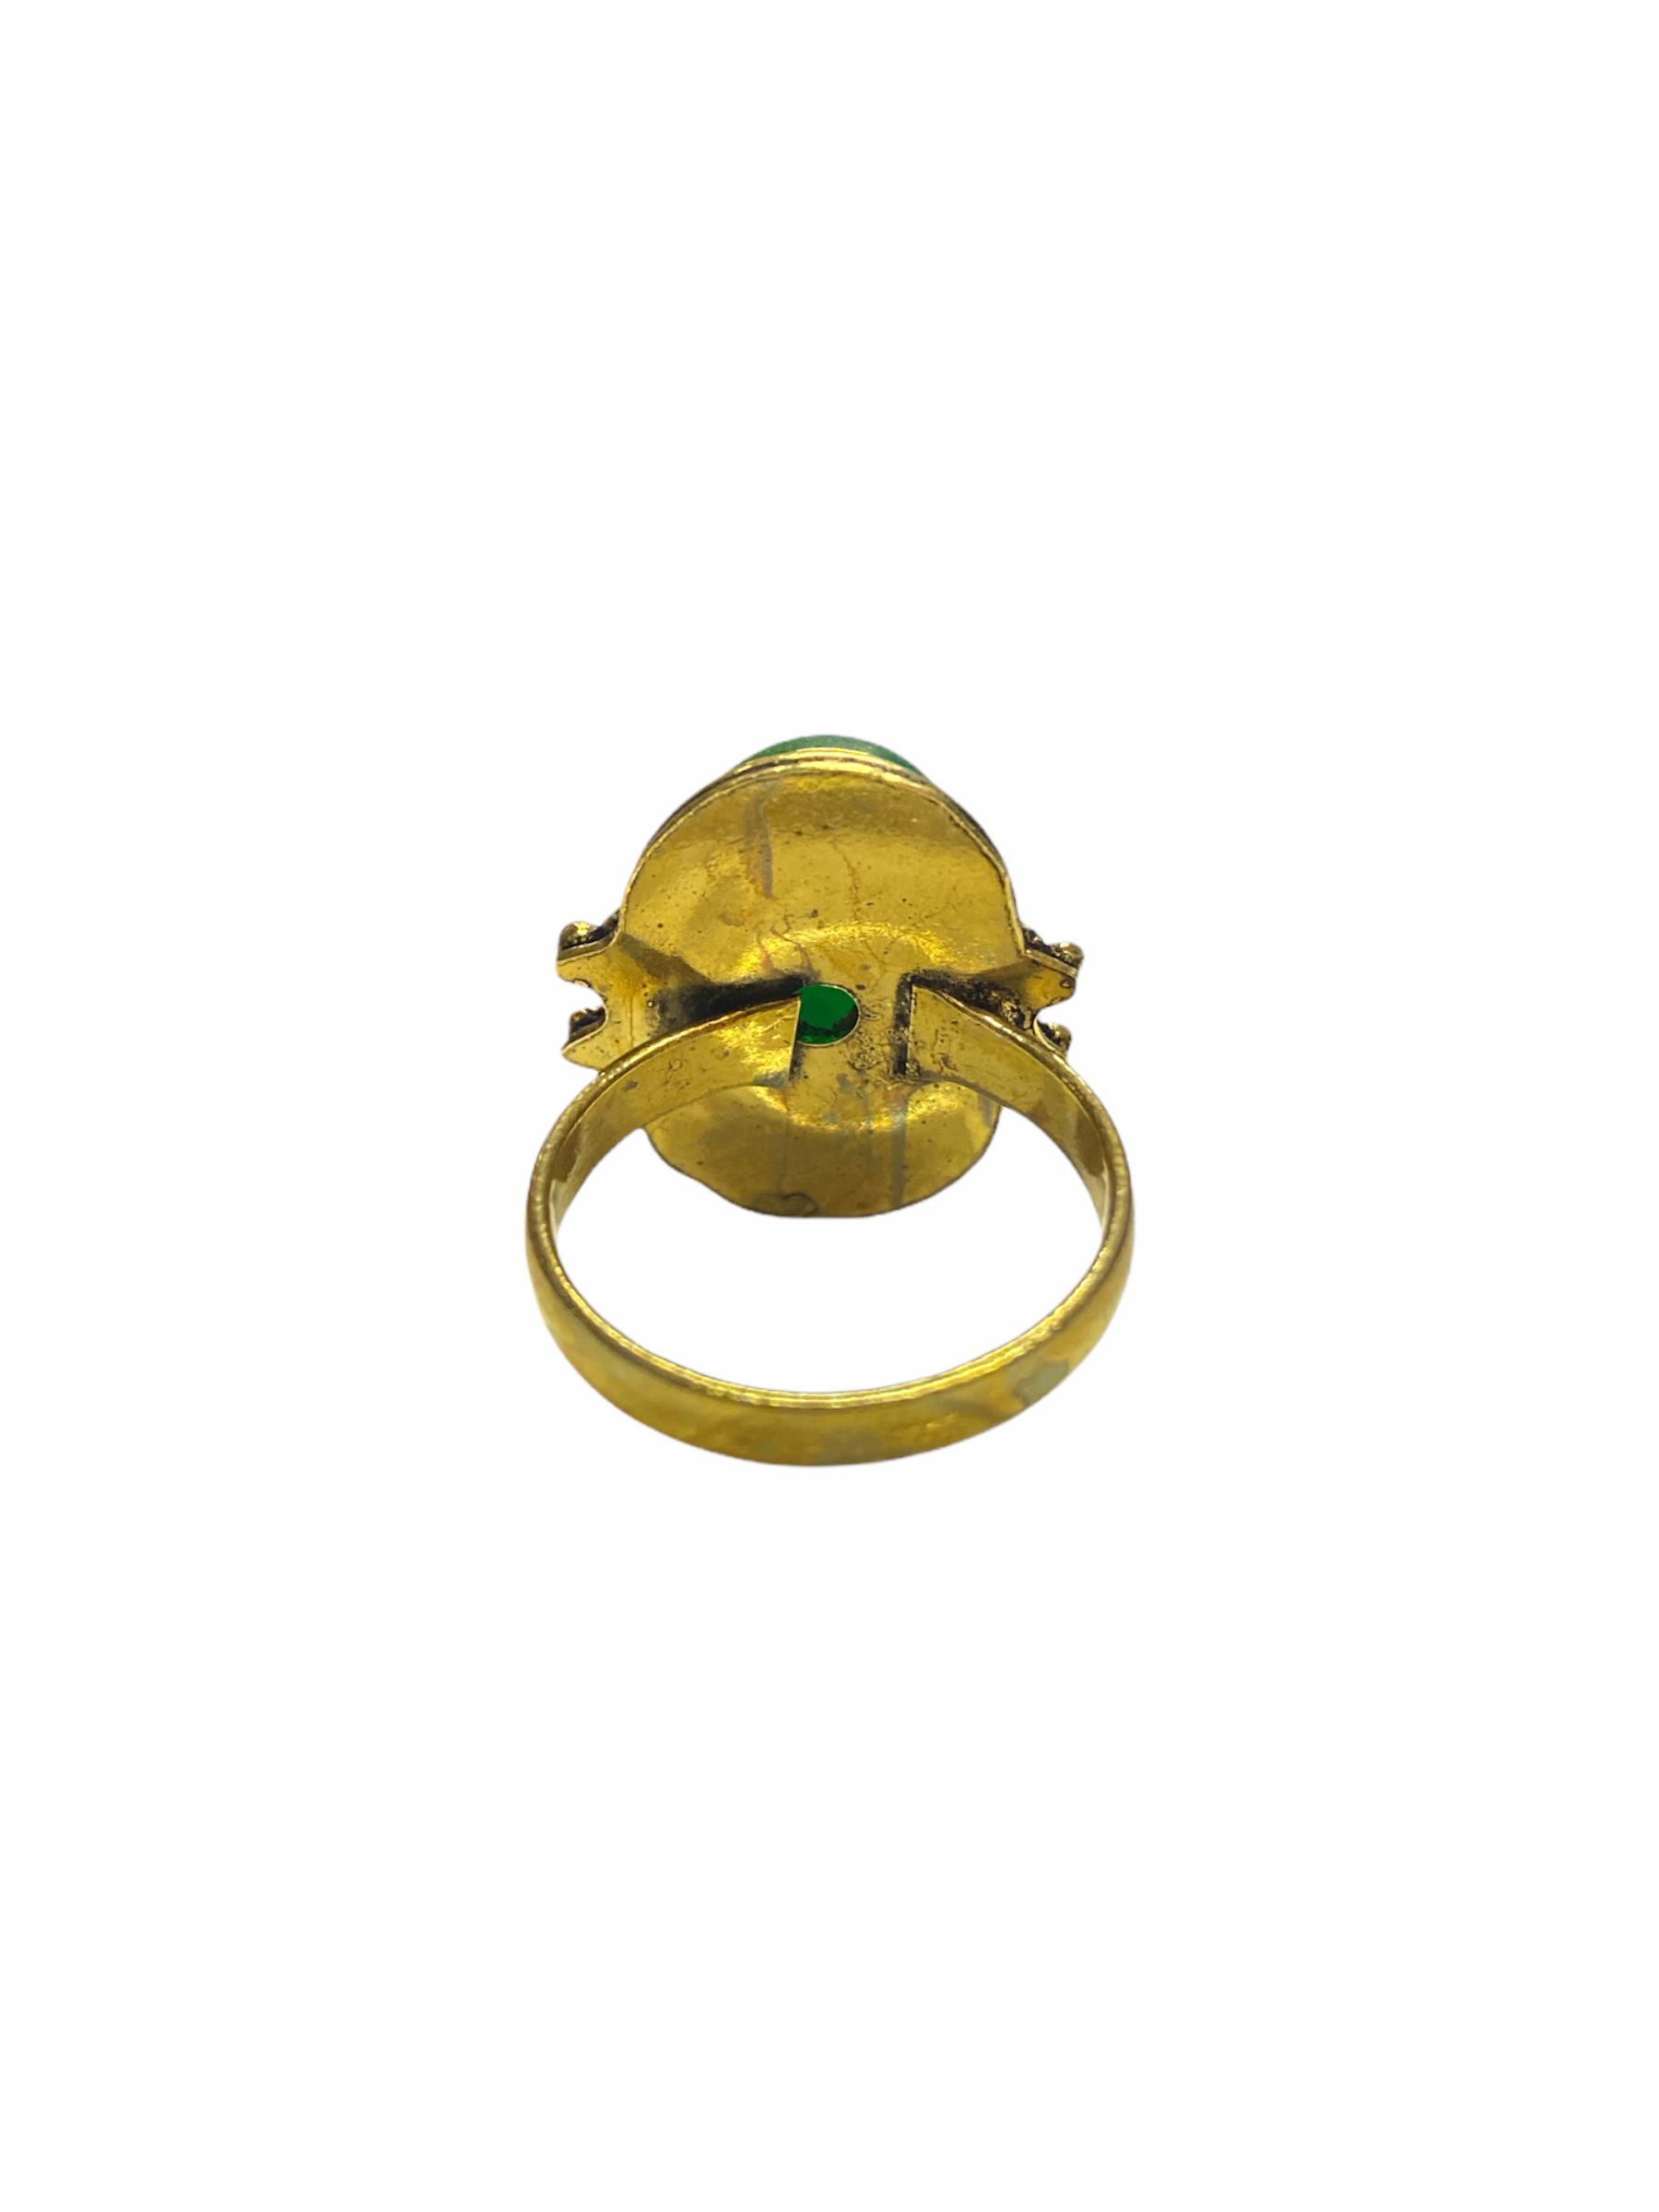 Δαχτυλίδι Χειροποίητο Με Αβεντουρίνη Σε Χρυσό Χρώμα